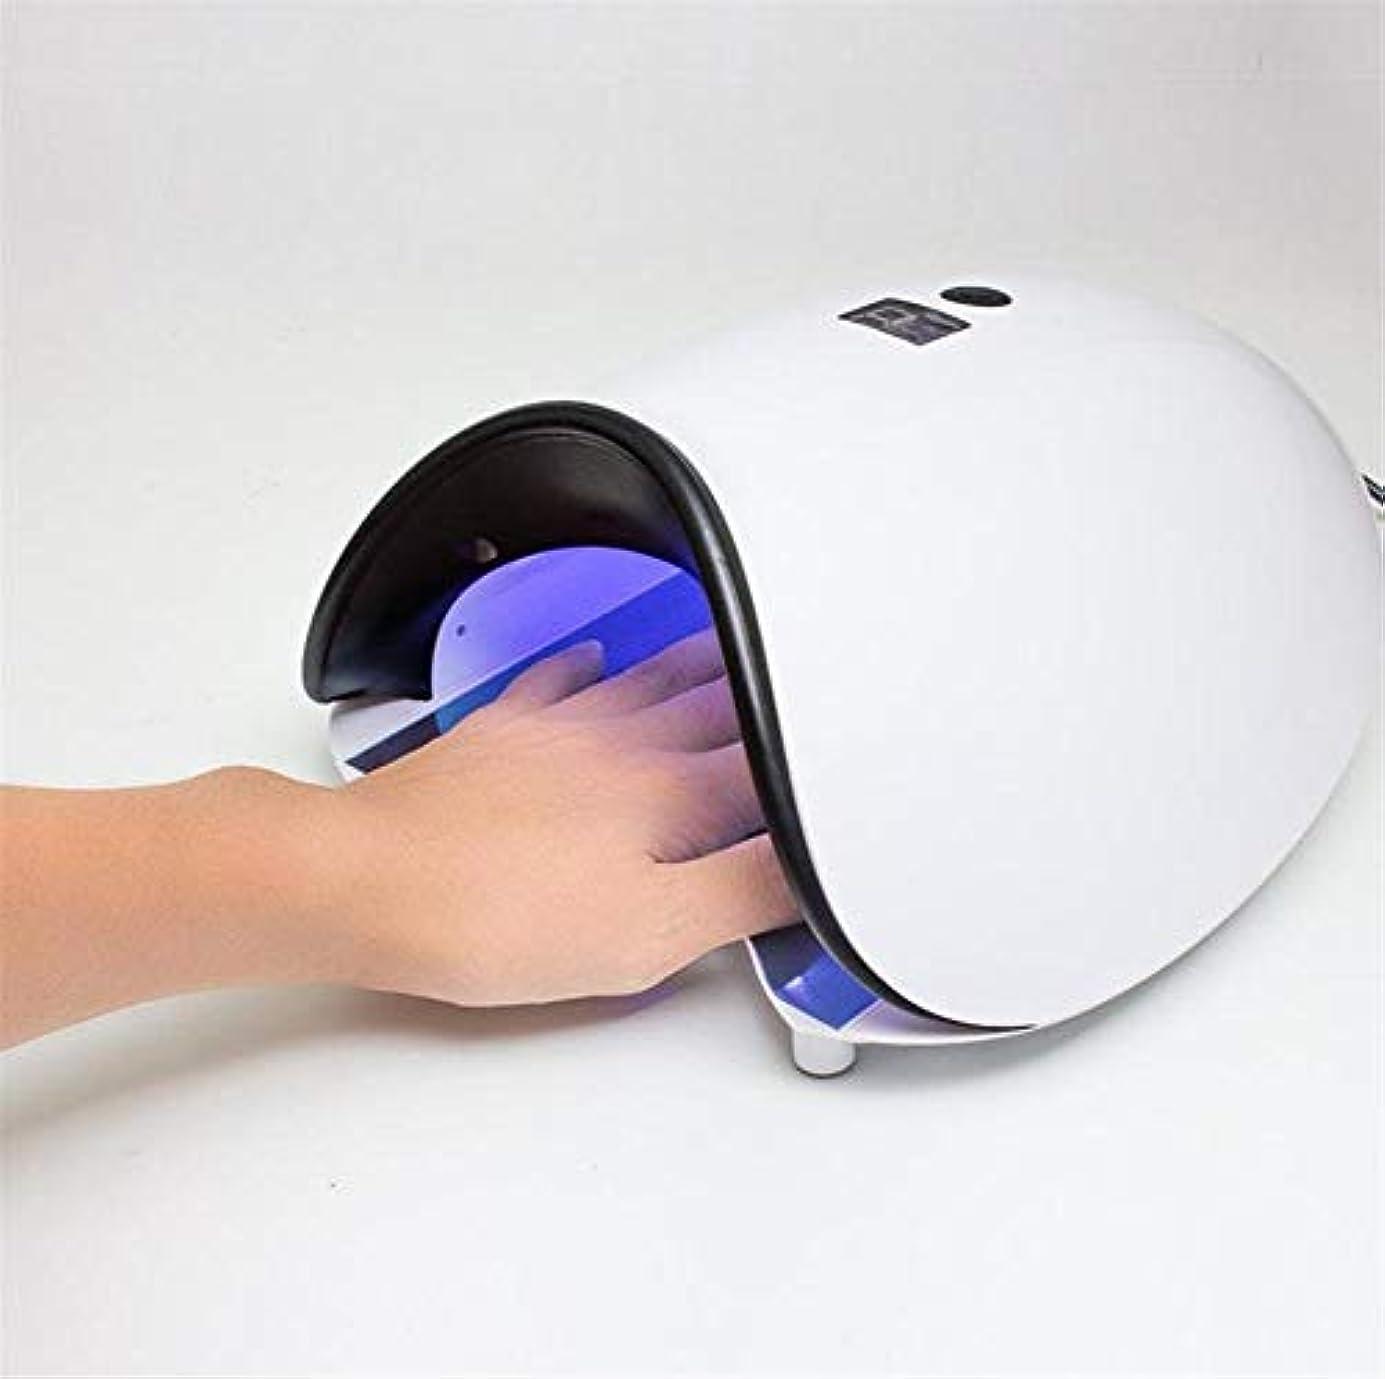 一次意気揚々レーニン主義自動紫外線センサー、5s/30s/60sタイマーおよびLCD表示が付いているGelpolishbuilderのためのLED紫外線釘Lamp48Wpr Professionalの釘のドライヤー